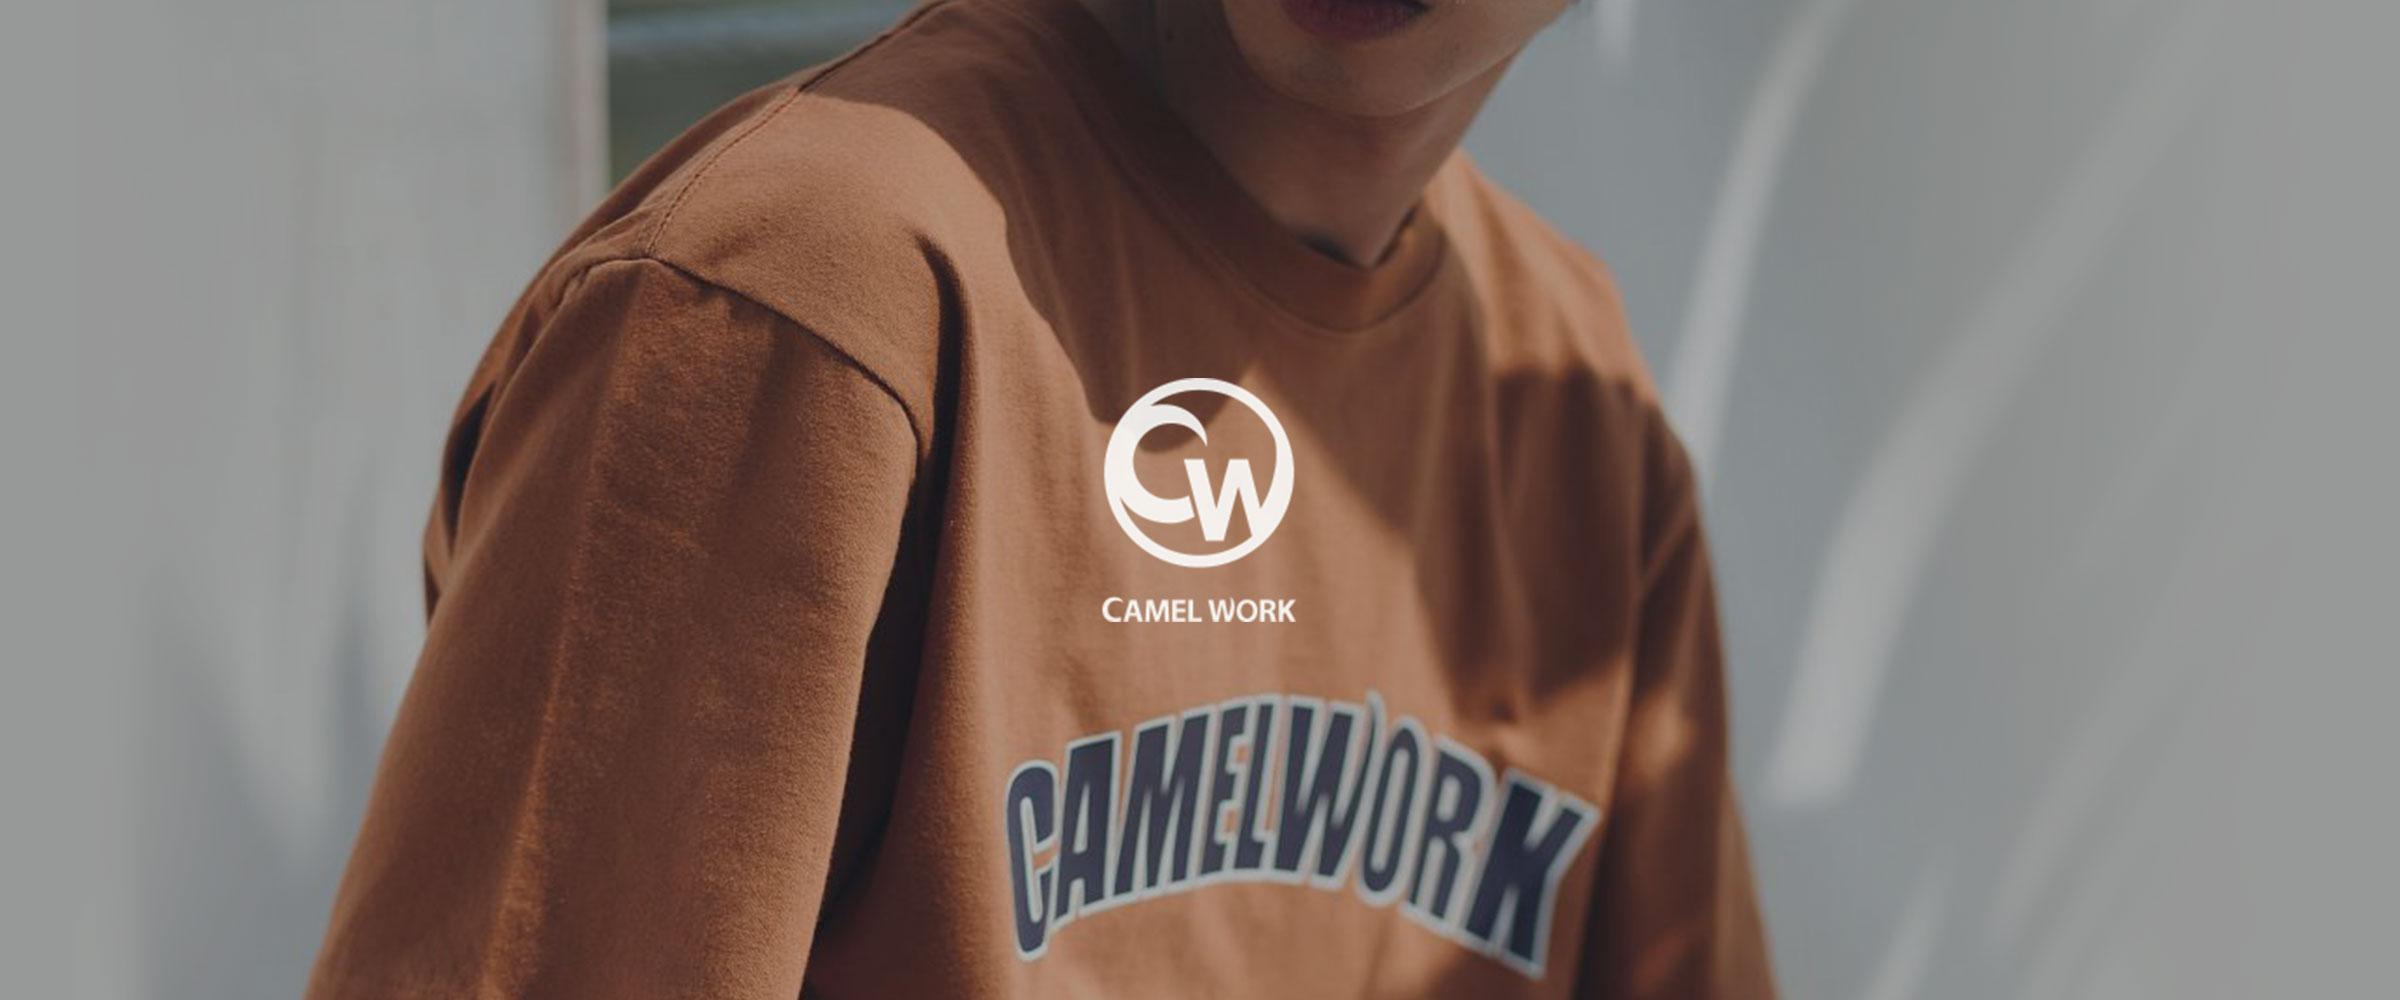 camelwork.jpg